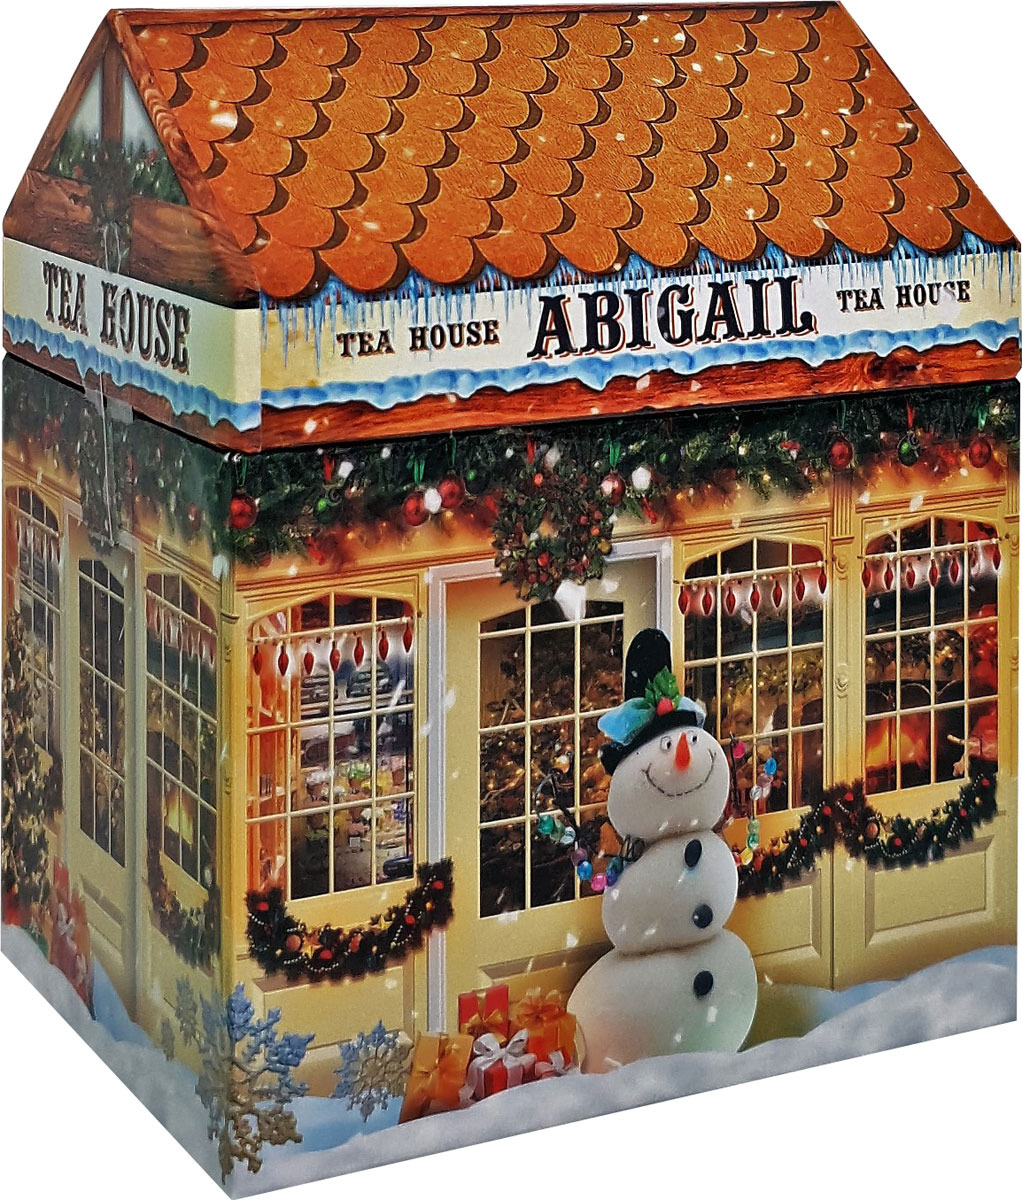 Чай листовой Abigail Чайный домик со снеговиком, сенча, 85 г plum snow зеленая улитка зеленый листовой чай с дыней 100 г